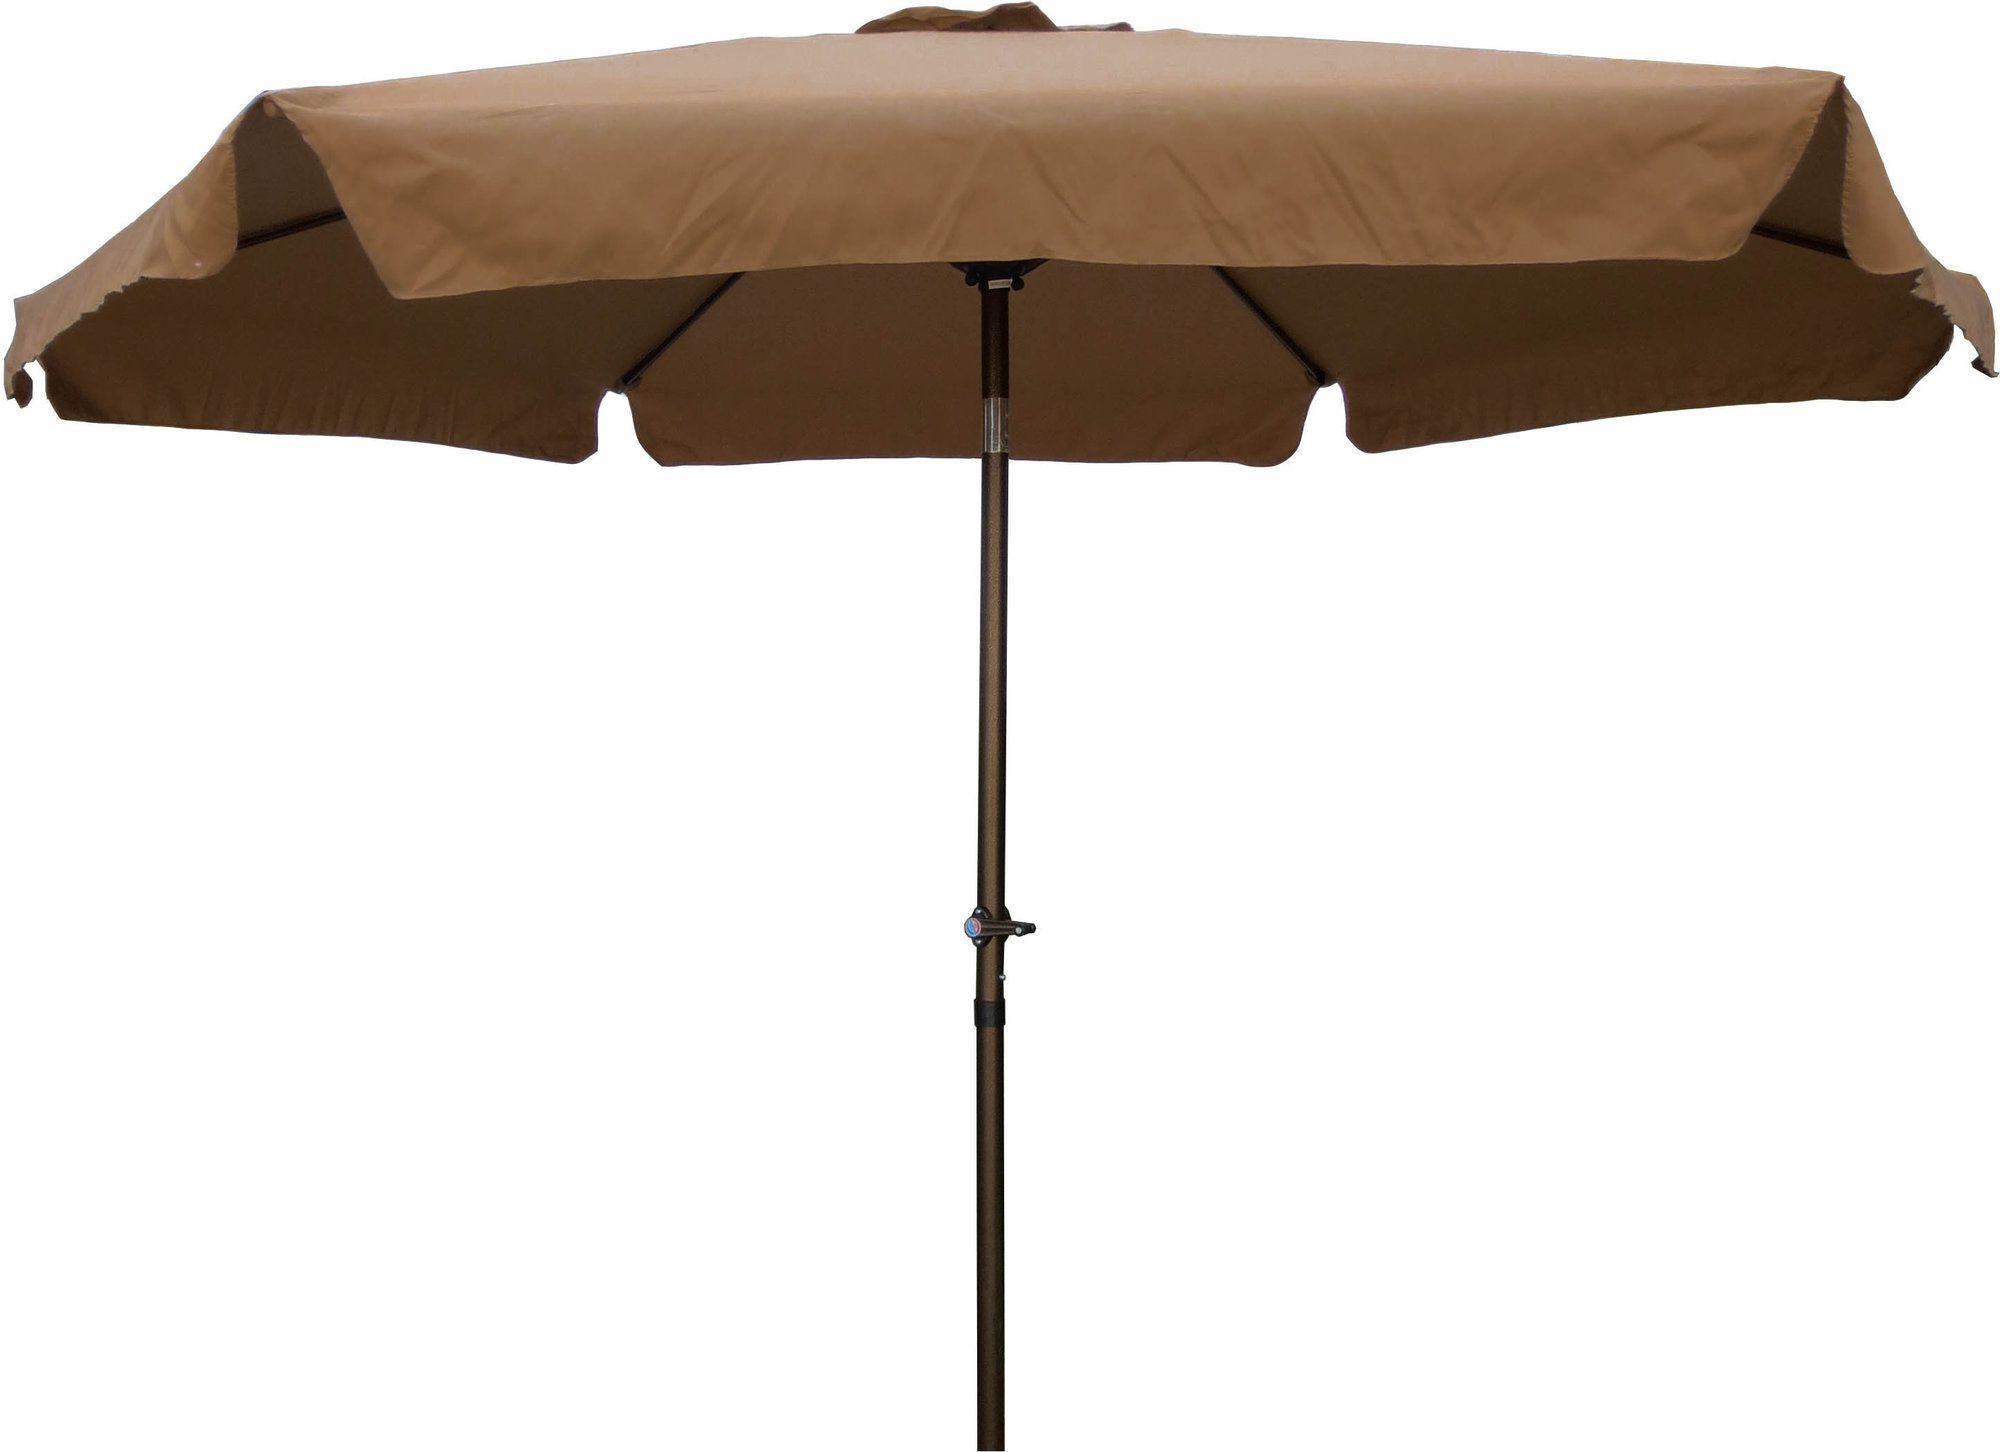 Hyperion Market Umbrellas Regarding Well Liked Hyperion 9' Market Umbrella (Gallery 2 of 20)